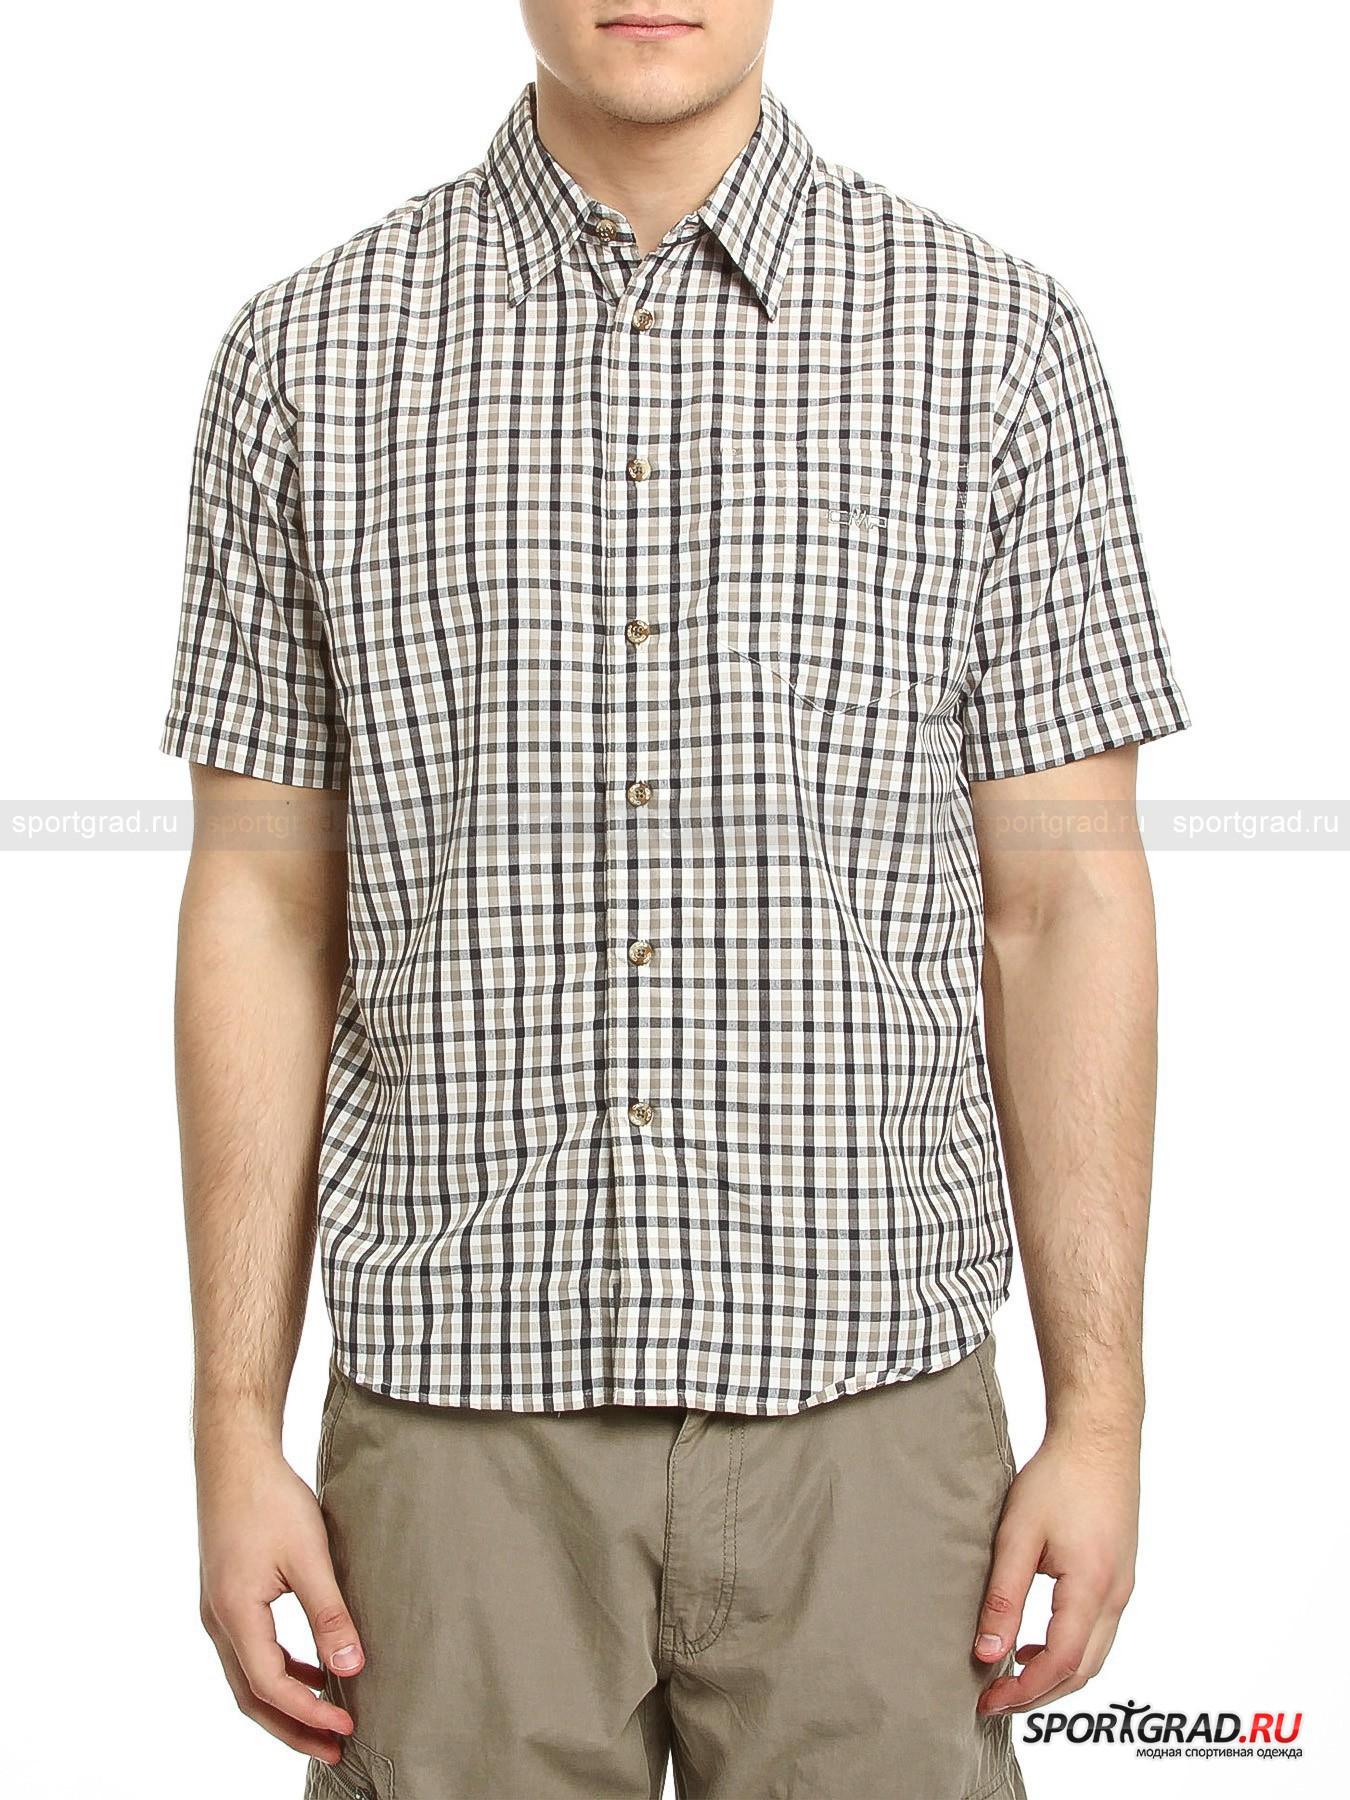 Рубашка мужская  MAN SHIRT CAMPAGNOLOРубашки<br>Мужская рубашка MAN SHIRT CAMPAGNOLO -  модель свободного покроя, которая замечательно подойдет мужчине, живущему активной жизнью. Свободный покрой и мягкая  дышащая ткань, приятная для кожи – качества, необходимые для одежды во время жары. Рубашка сшита из технологичной ткани Dry function, которая способствует быстрому испарению пота с поверхности кожи, обеспечивает защиту от ультрафиолета (UPF 15) и быстро сохнет, при этом она очень легкая. Это идеальный вариант не только для города, но и для походов или вылазок на природу во время жаркого лета. <br>Рубашка имеет отложной воротник и накладной фигурный карман, пришитый в области груди.<br><br>Длина изделия сзади по центру от горловины до низа 76 см, ширина в груди 62 см, длина рукава по нижнему шву 15 см (размер L).<br><br>Пол: Мужской<br>Возраст: Взрослый<br>Тип: Рубашки<br>Рекомендации по уходу: Рекомендуется стирка в теплой воде, отжим и глажка при низкой температуре.  Изделие нельзя отбеливать, подвергать химчистке.<br>Состав: 100% полиэстер